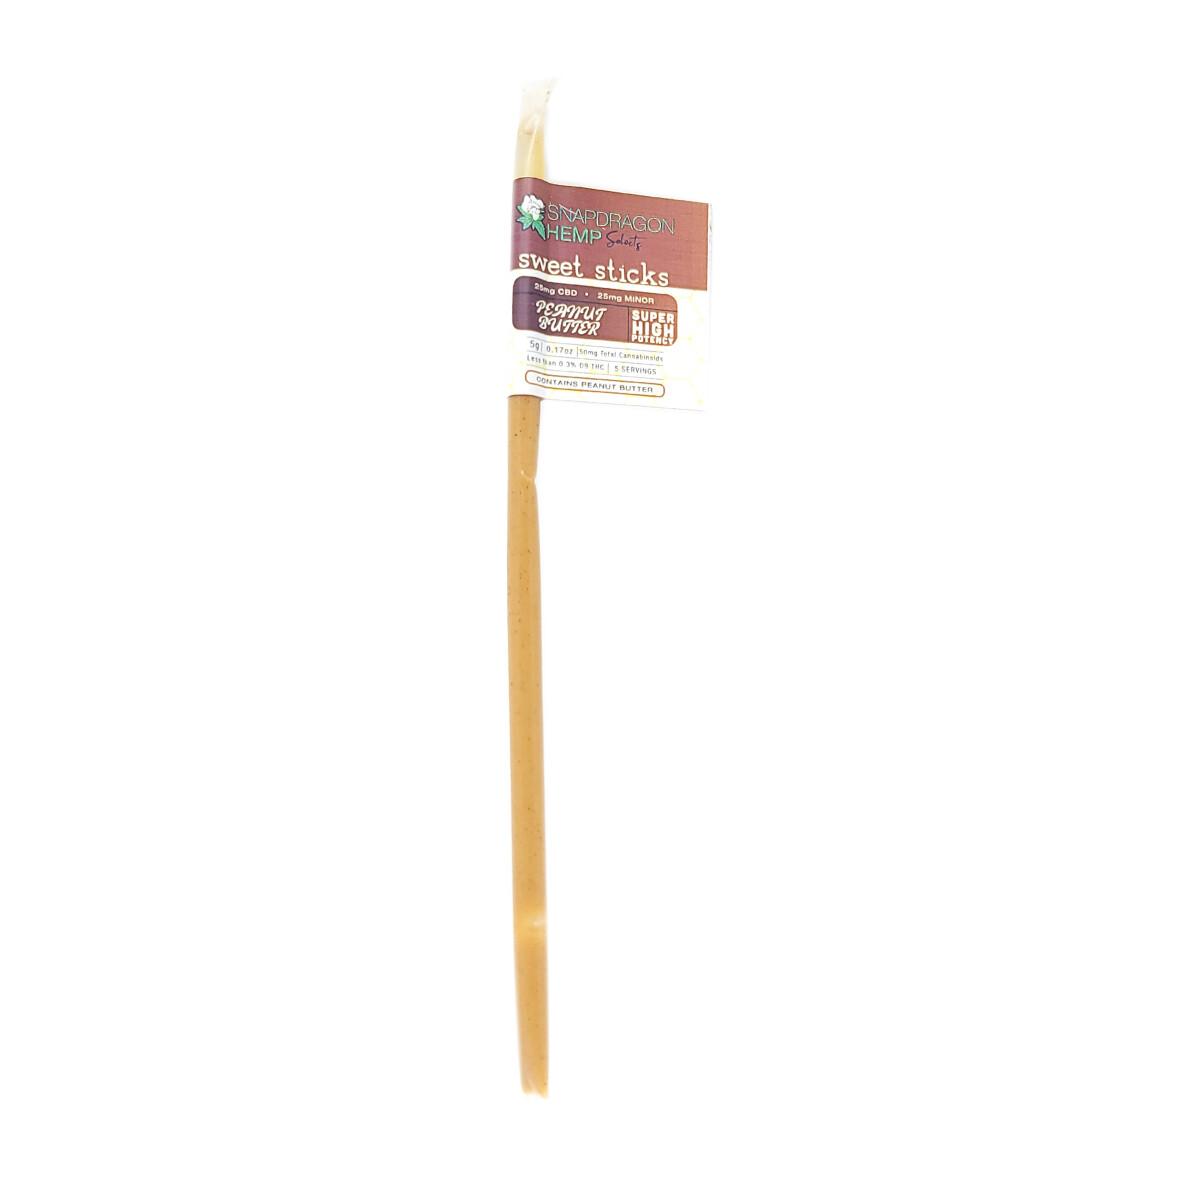 Delta 8 Peanut Butter Sticks, 35mg